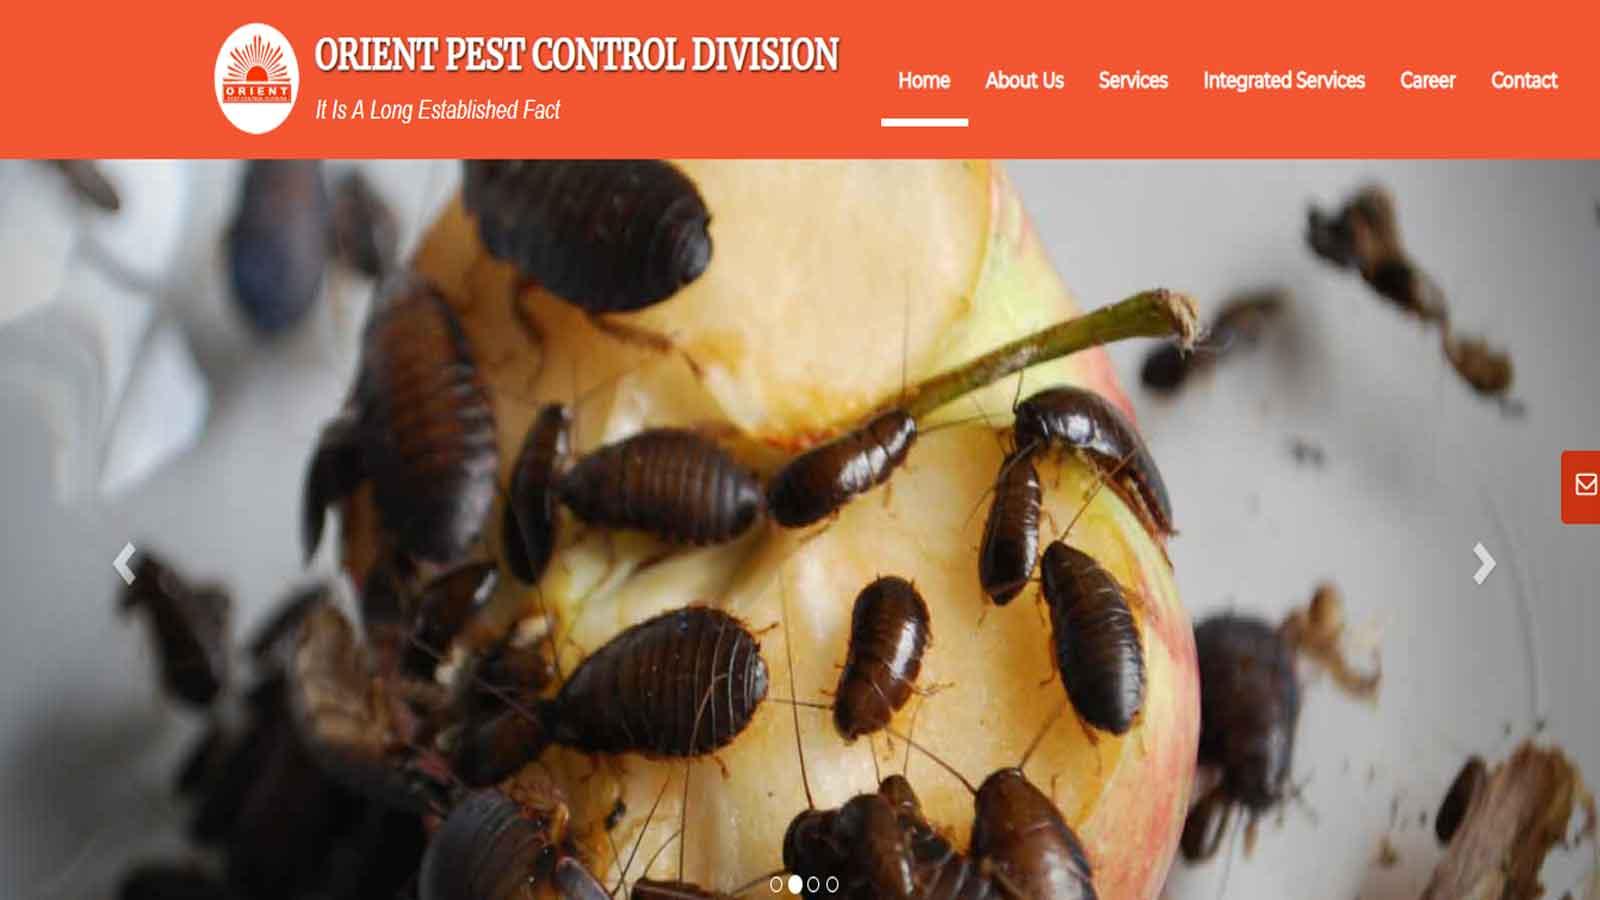 Orient Pest Control